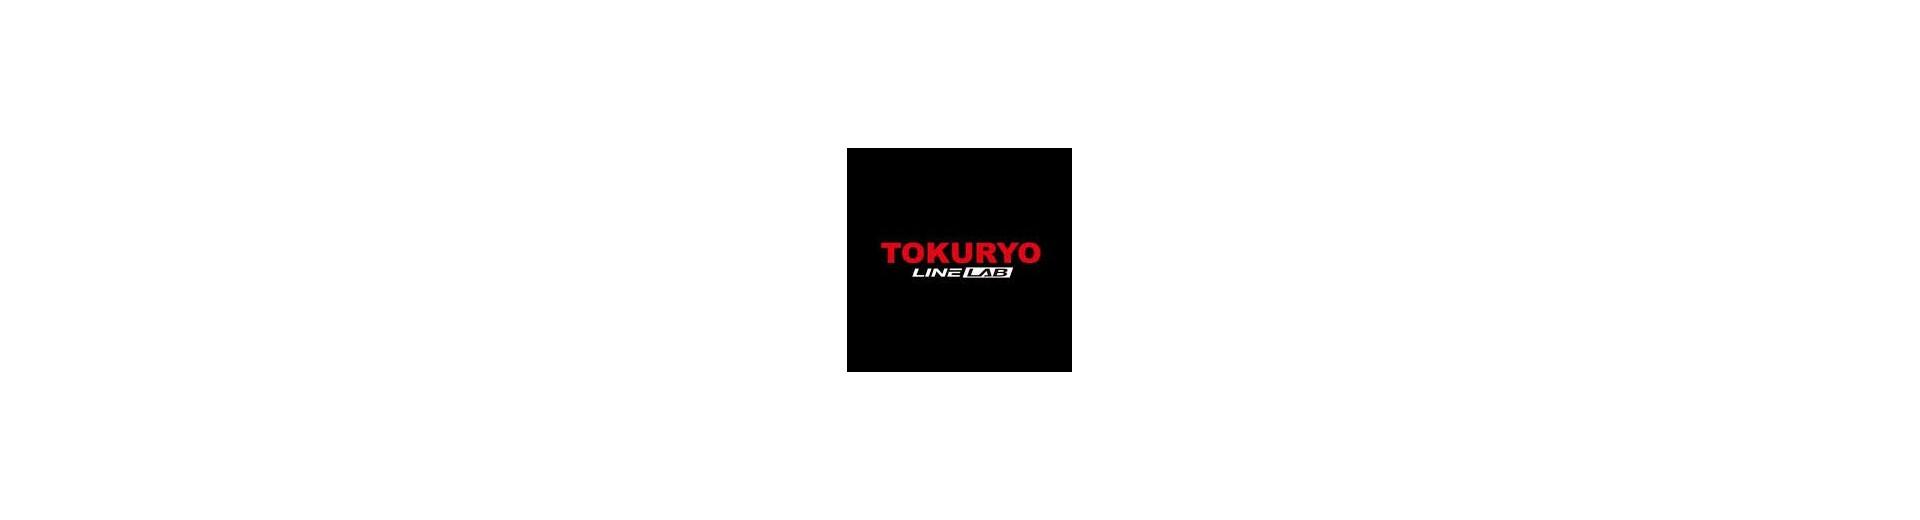 Tokuryo